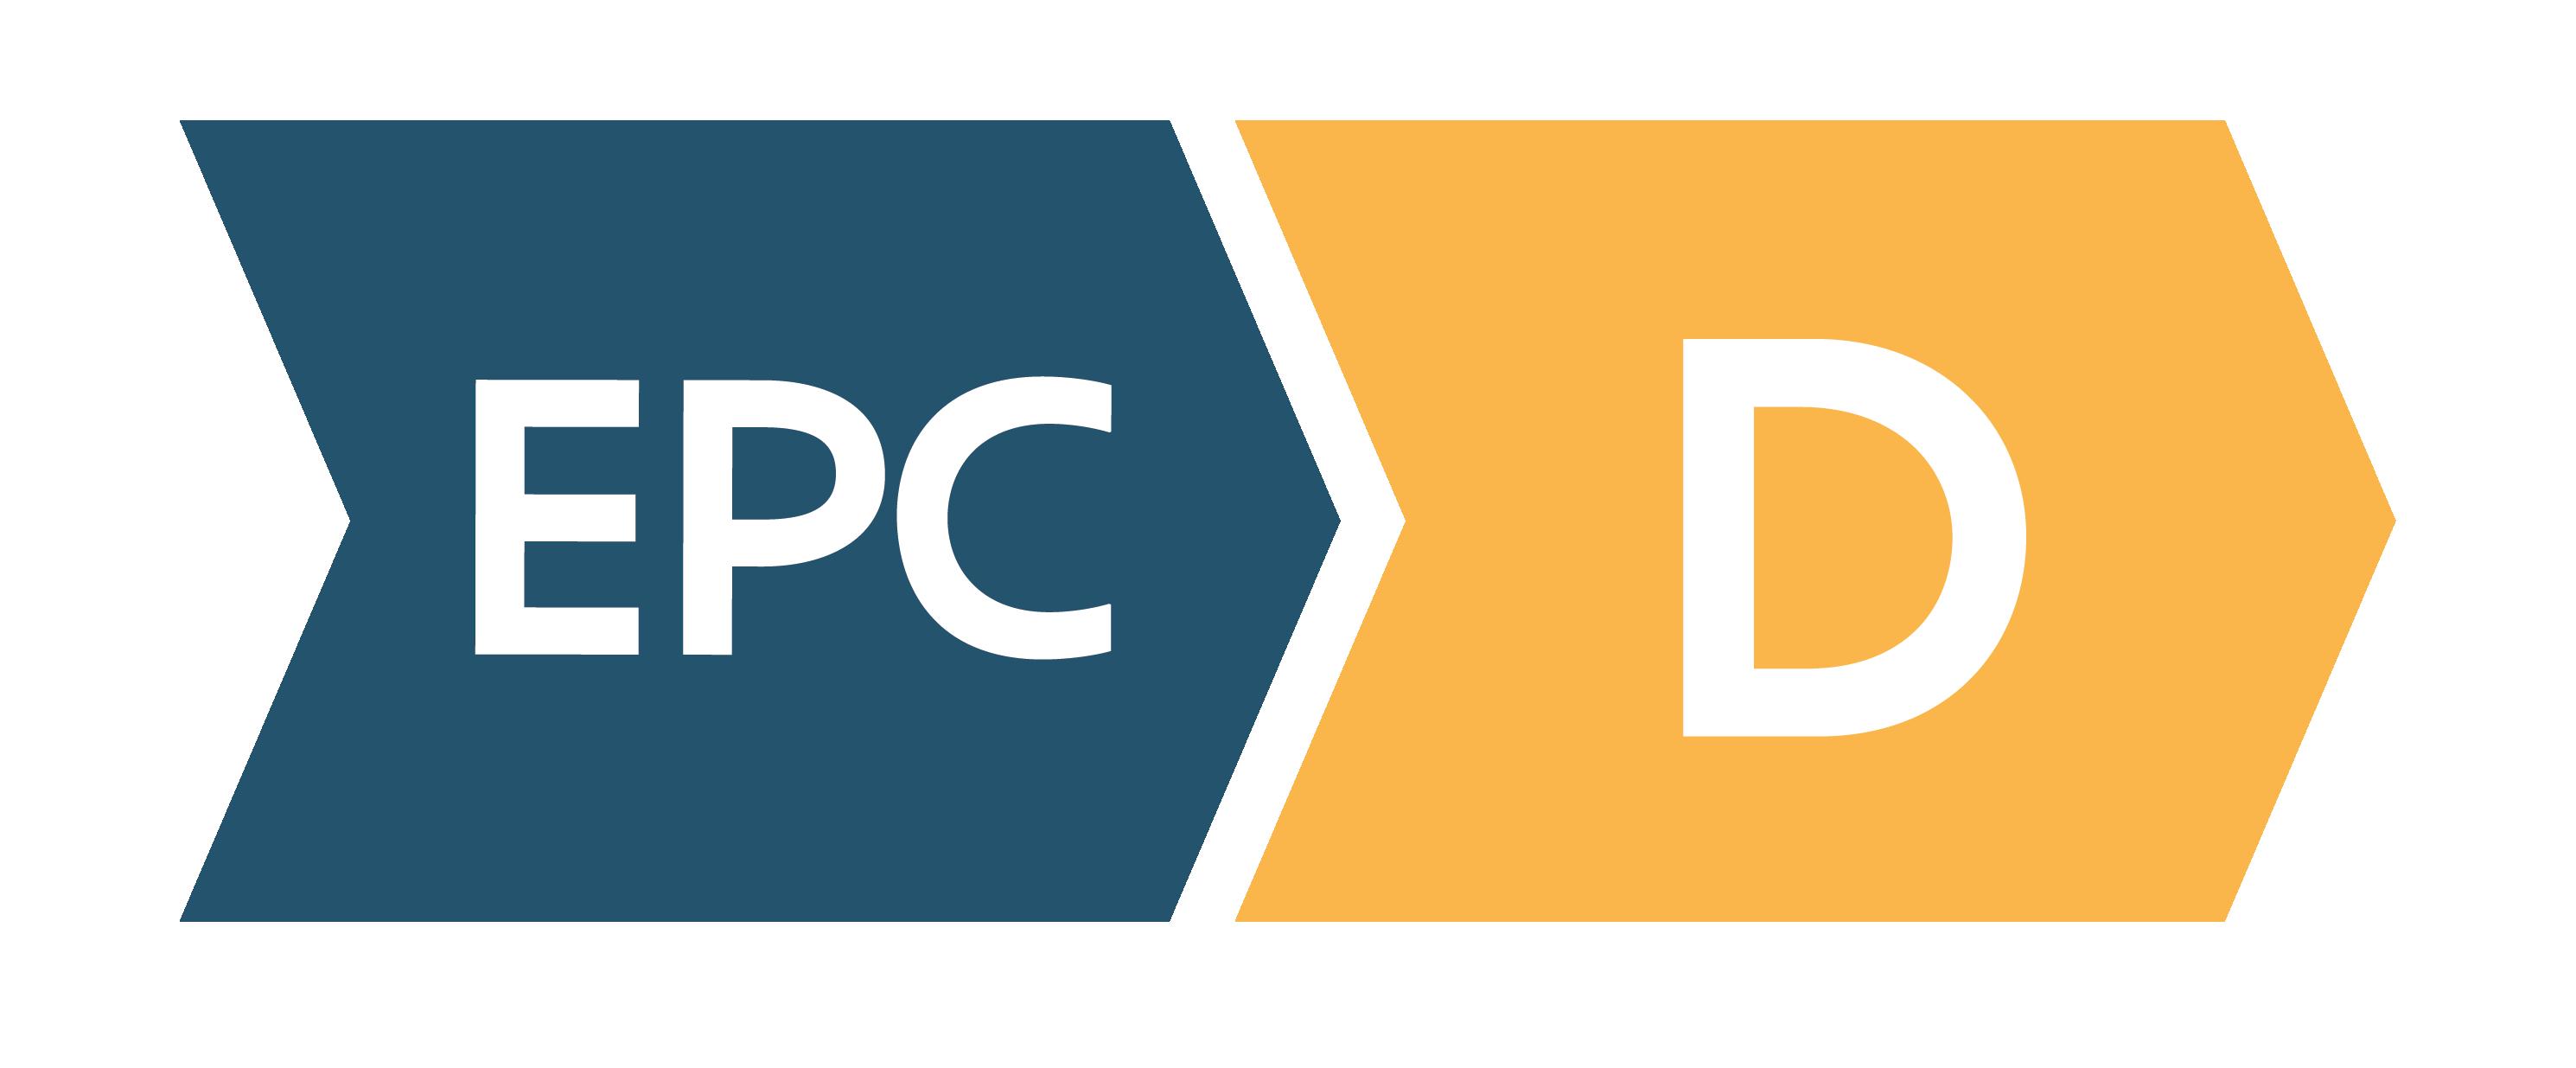 EPC D